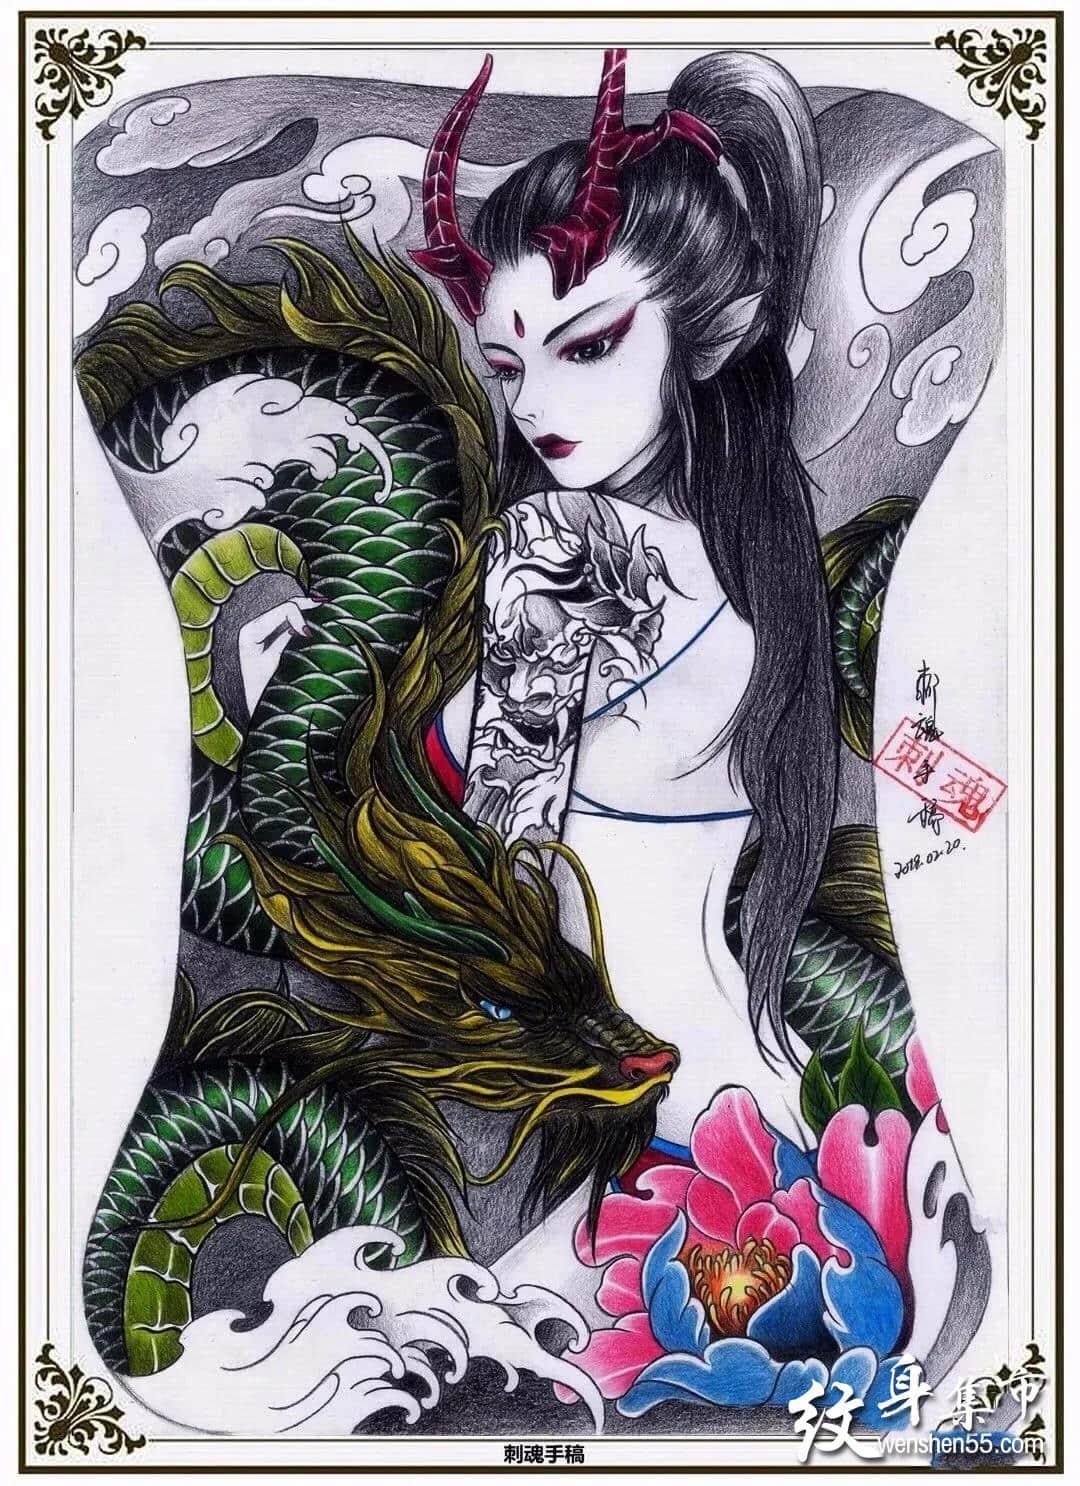 龙姬纹身,龙姬纹身手稿,龙姬纹身手稿图案